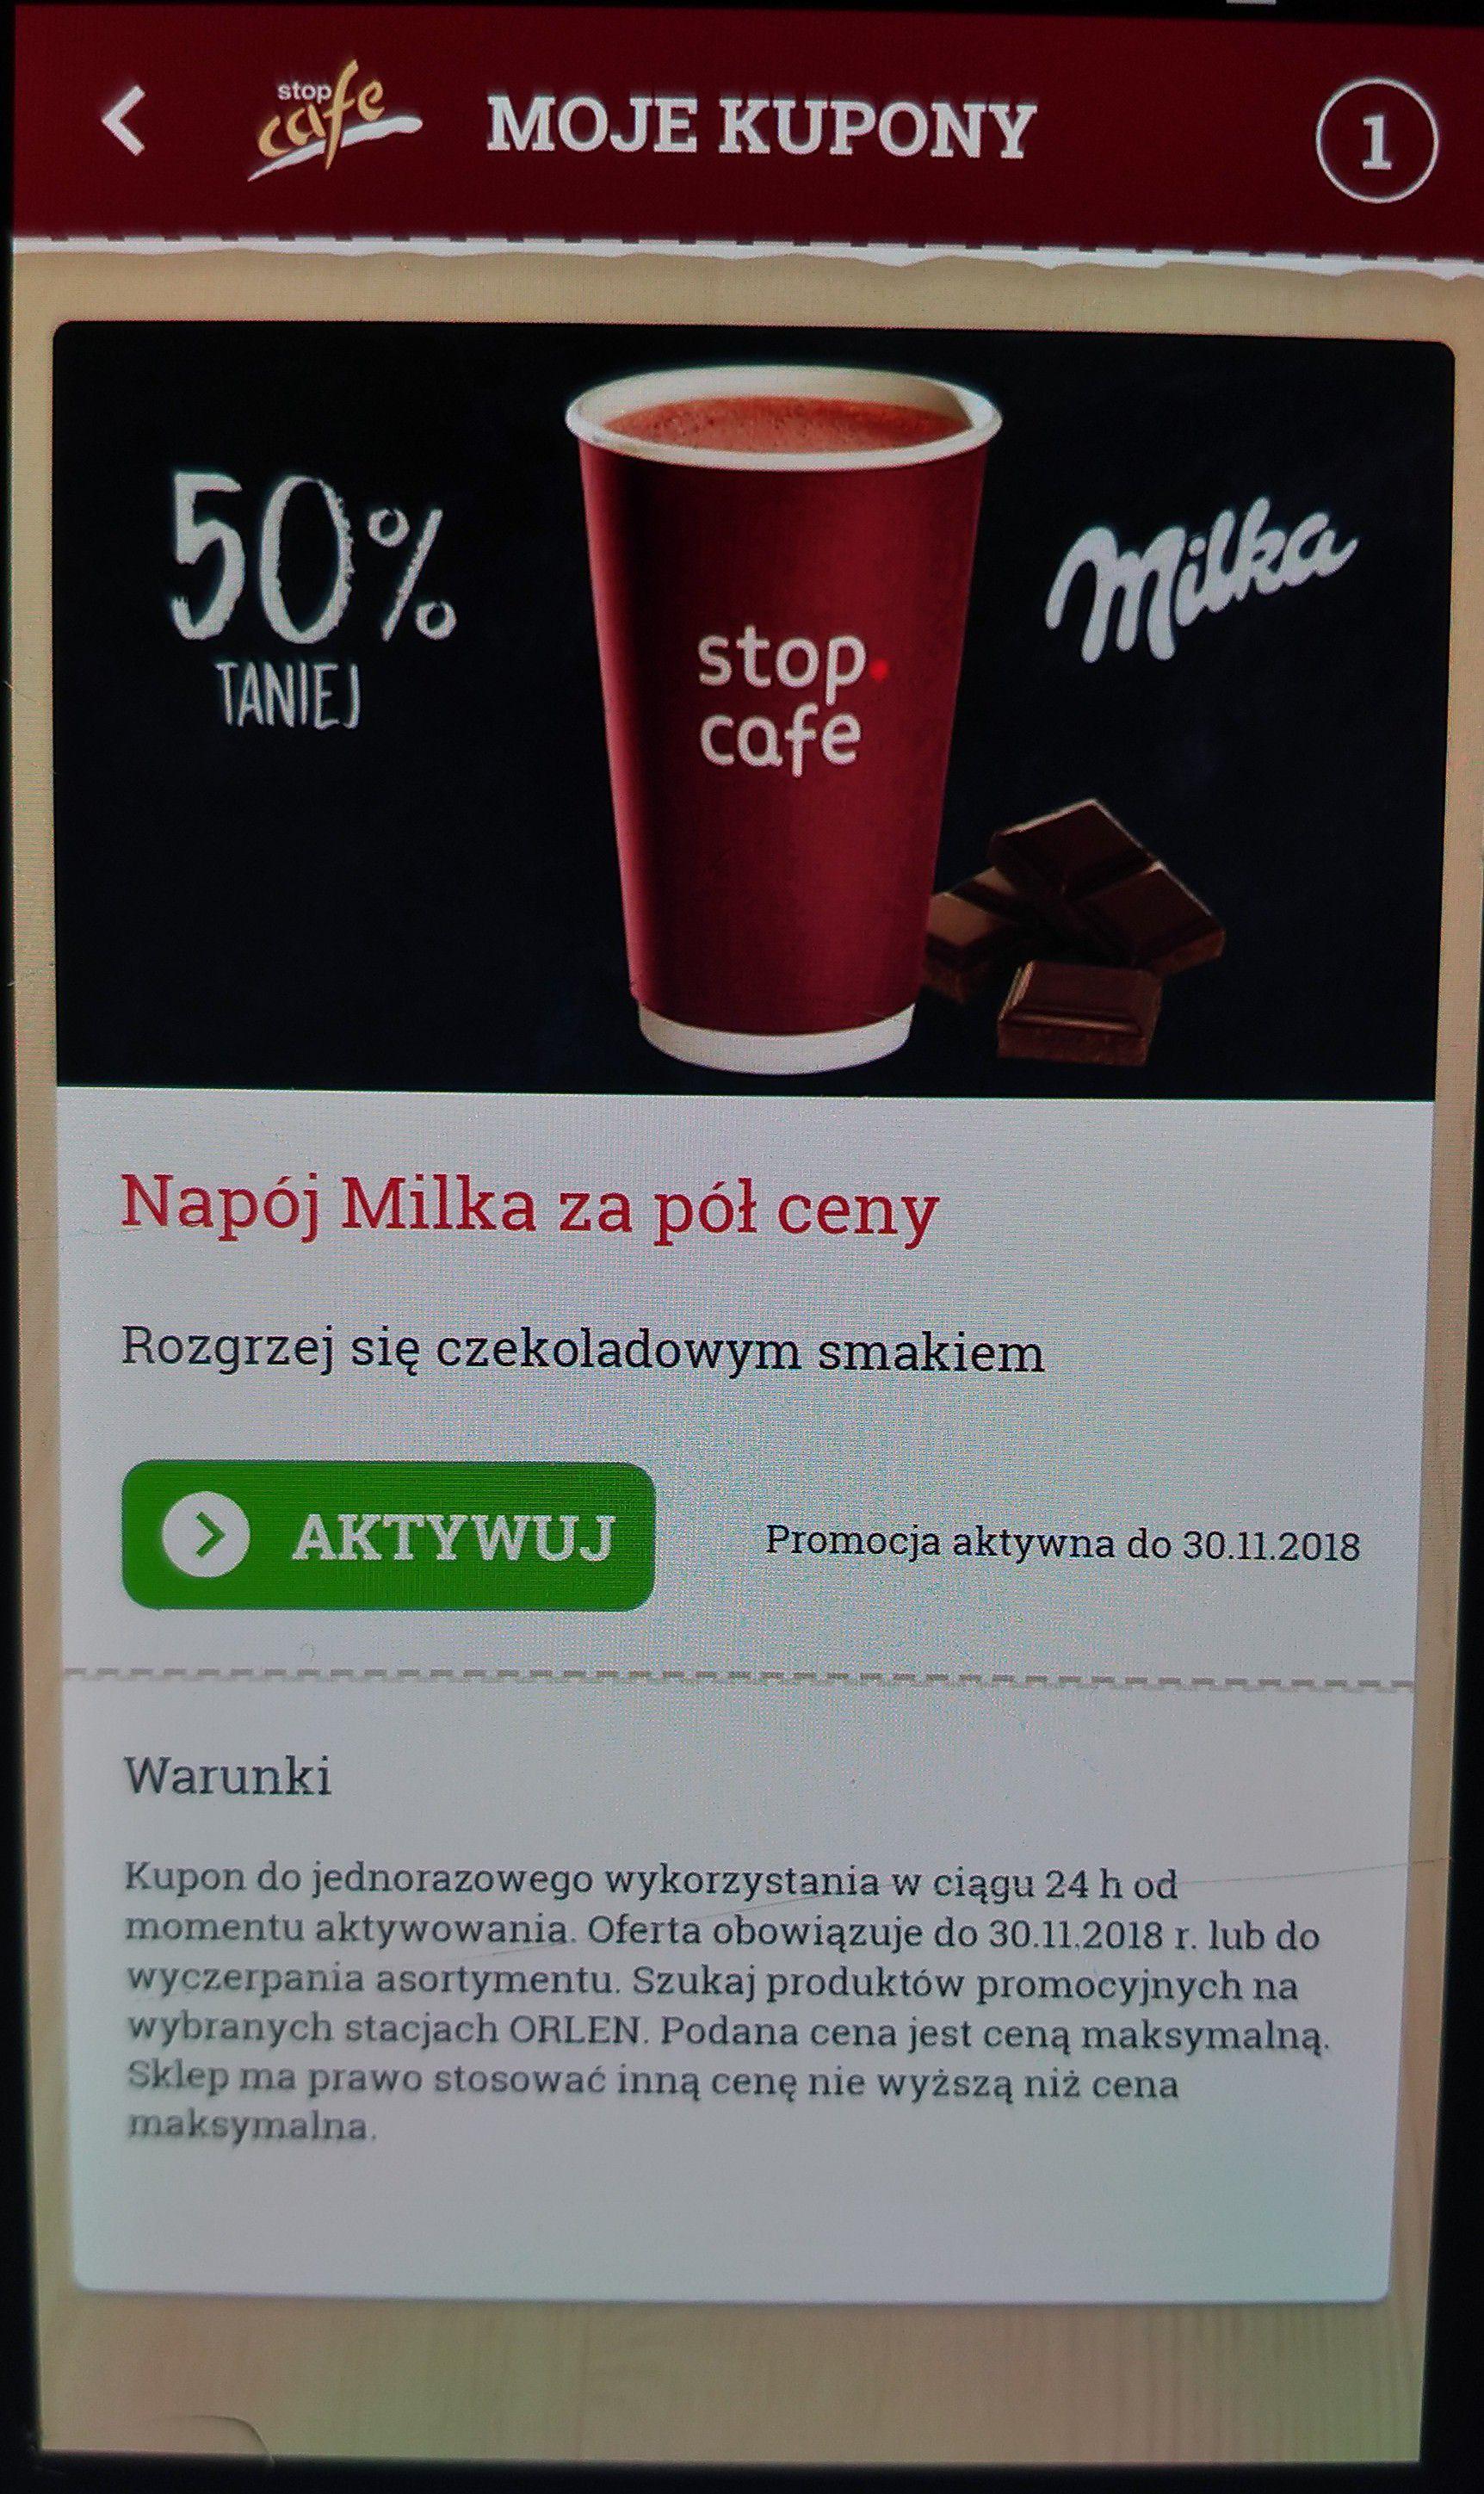 Orlen - Napój Milka - 50% z aplikacją stop cafe